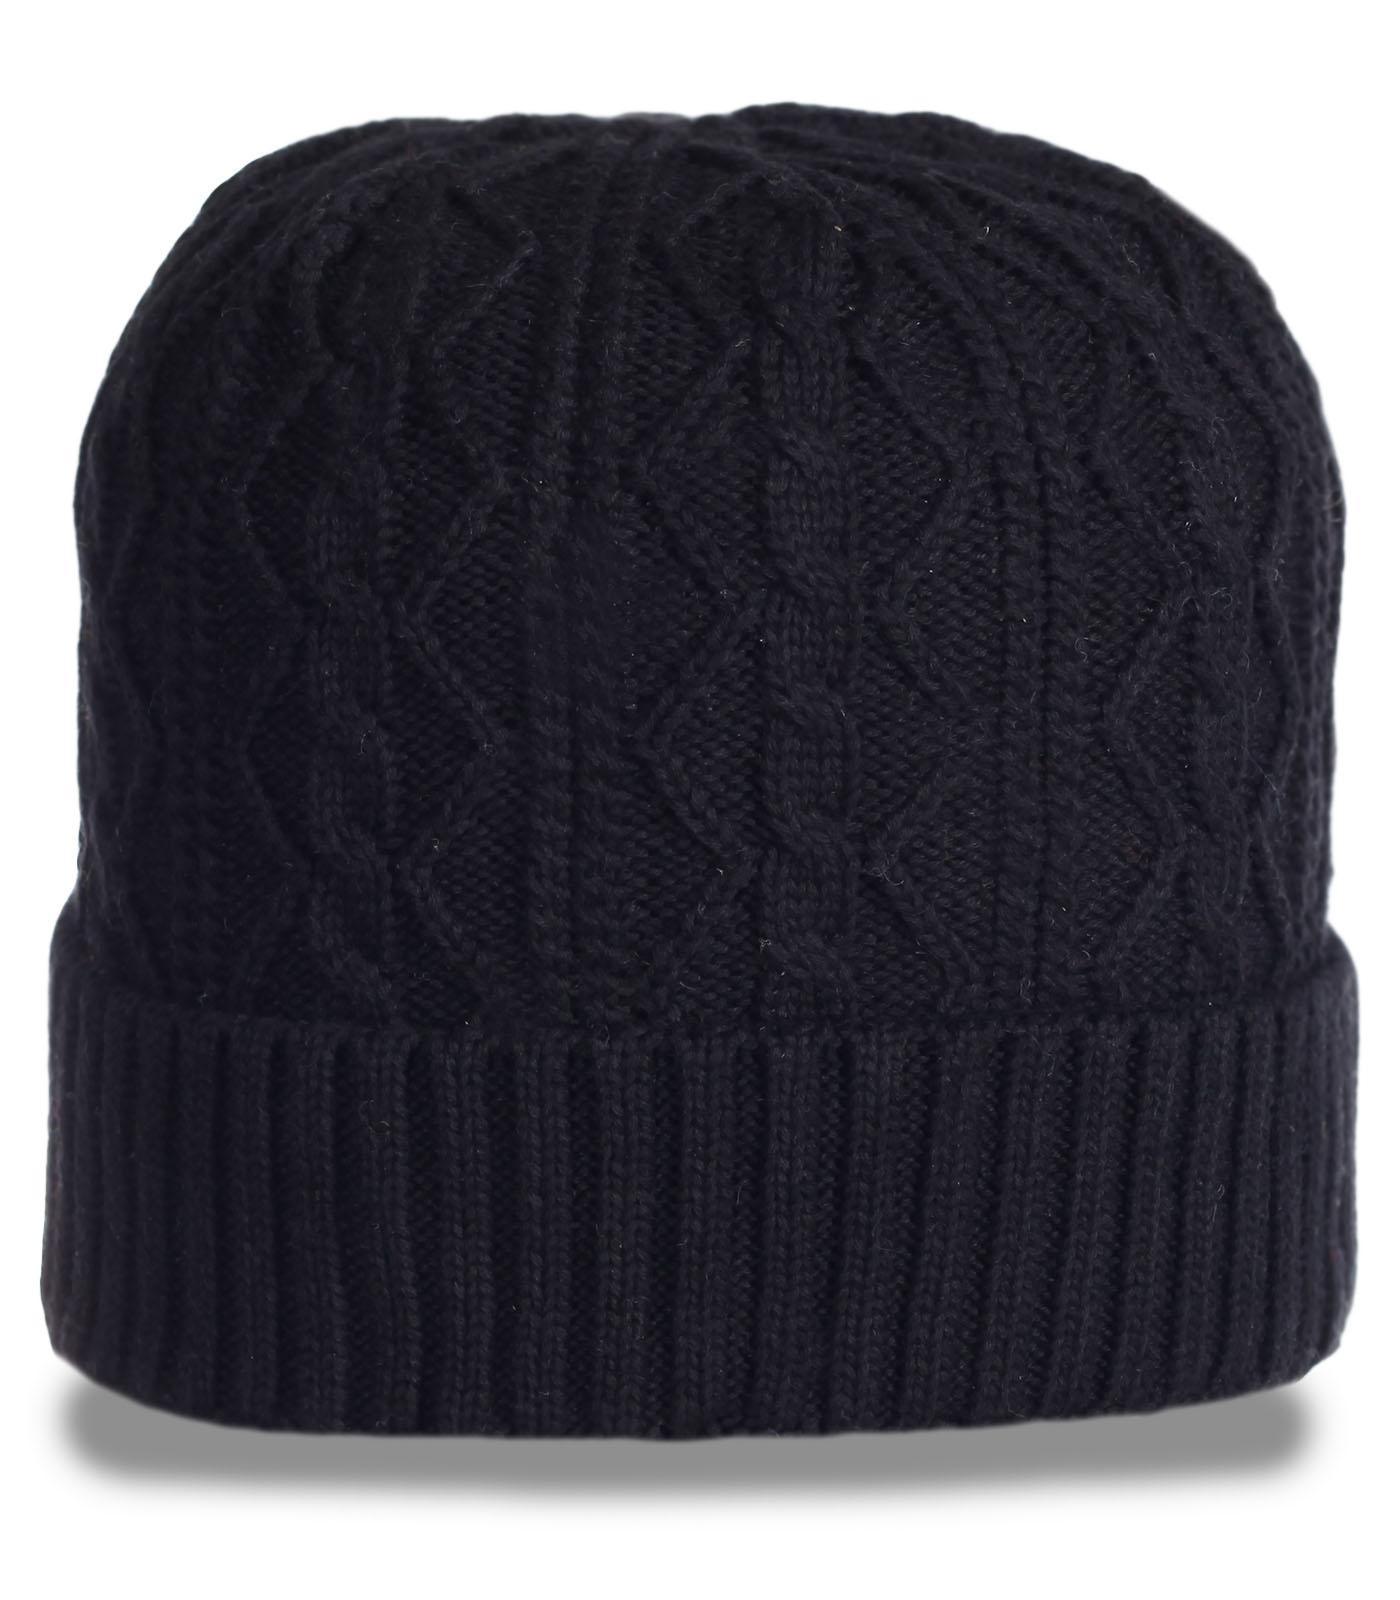 молодежная стильная мужская вязаная шапка неподражаемого дизайна с